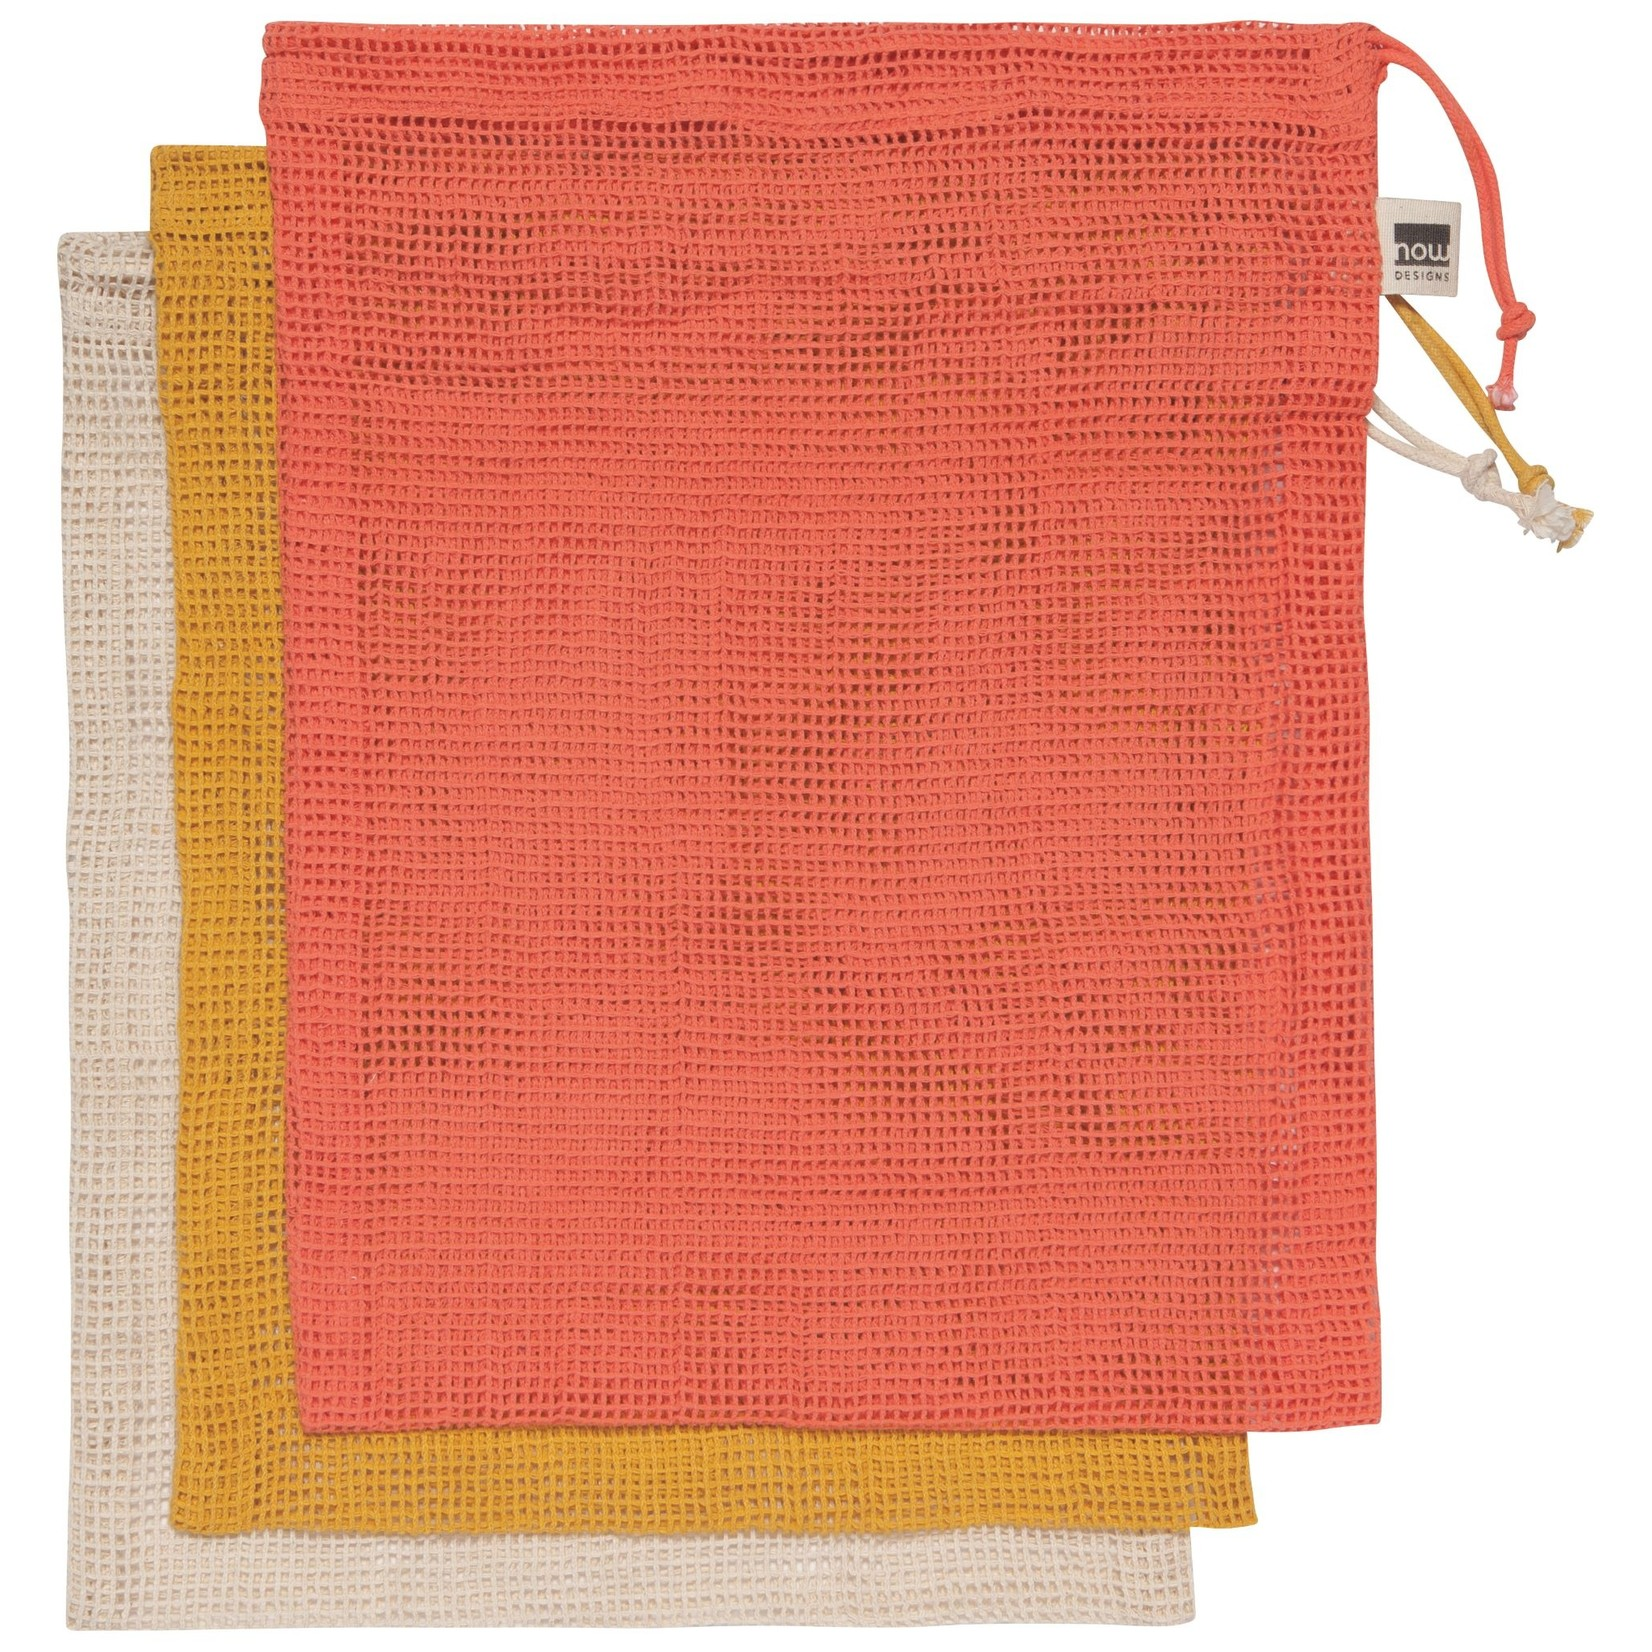 Now Designs Le Marche Produce Bag Set